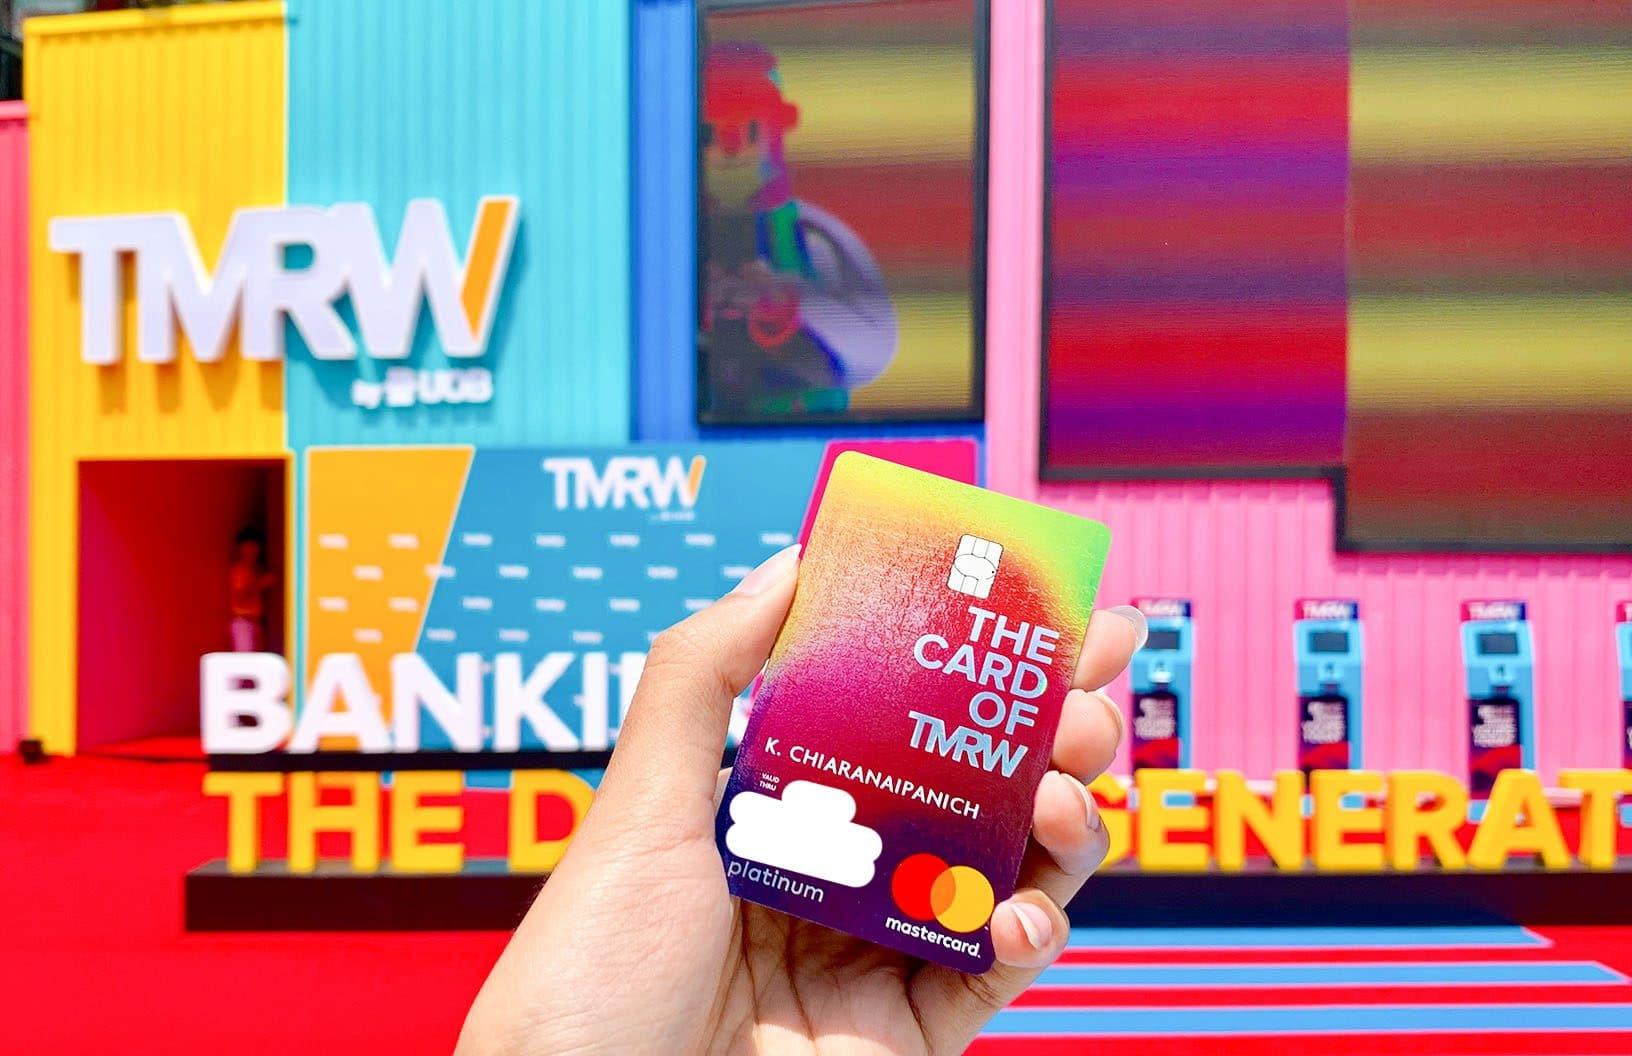 บัตรเครดิตยูโอบี TMRW